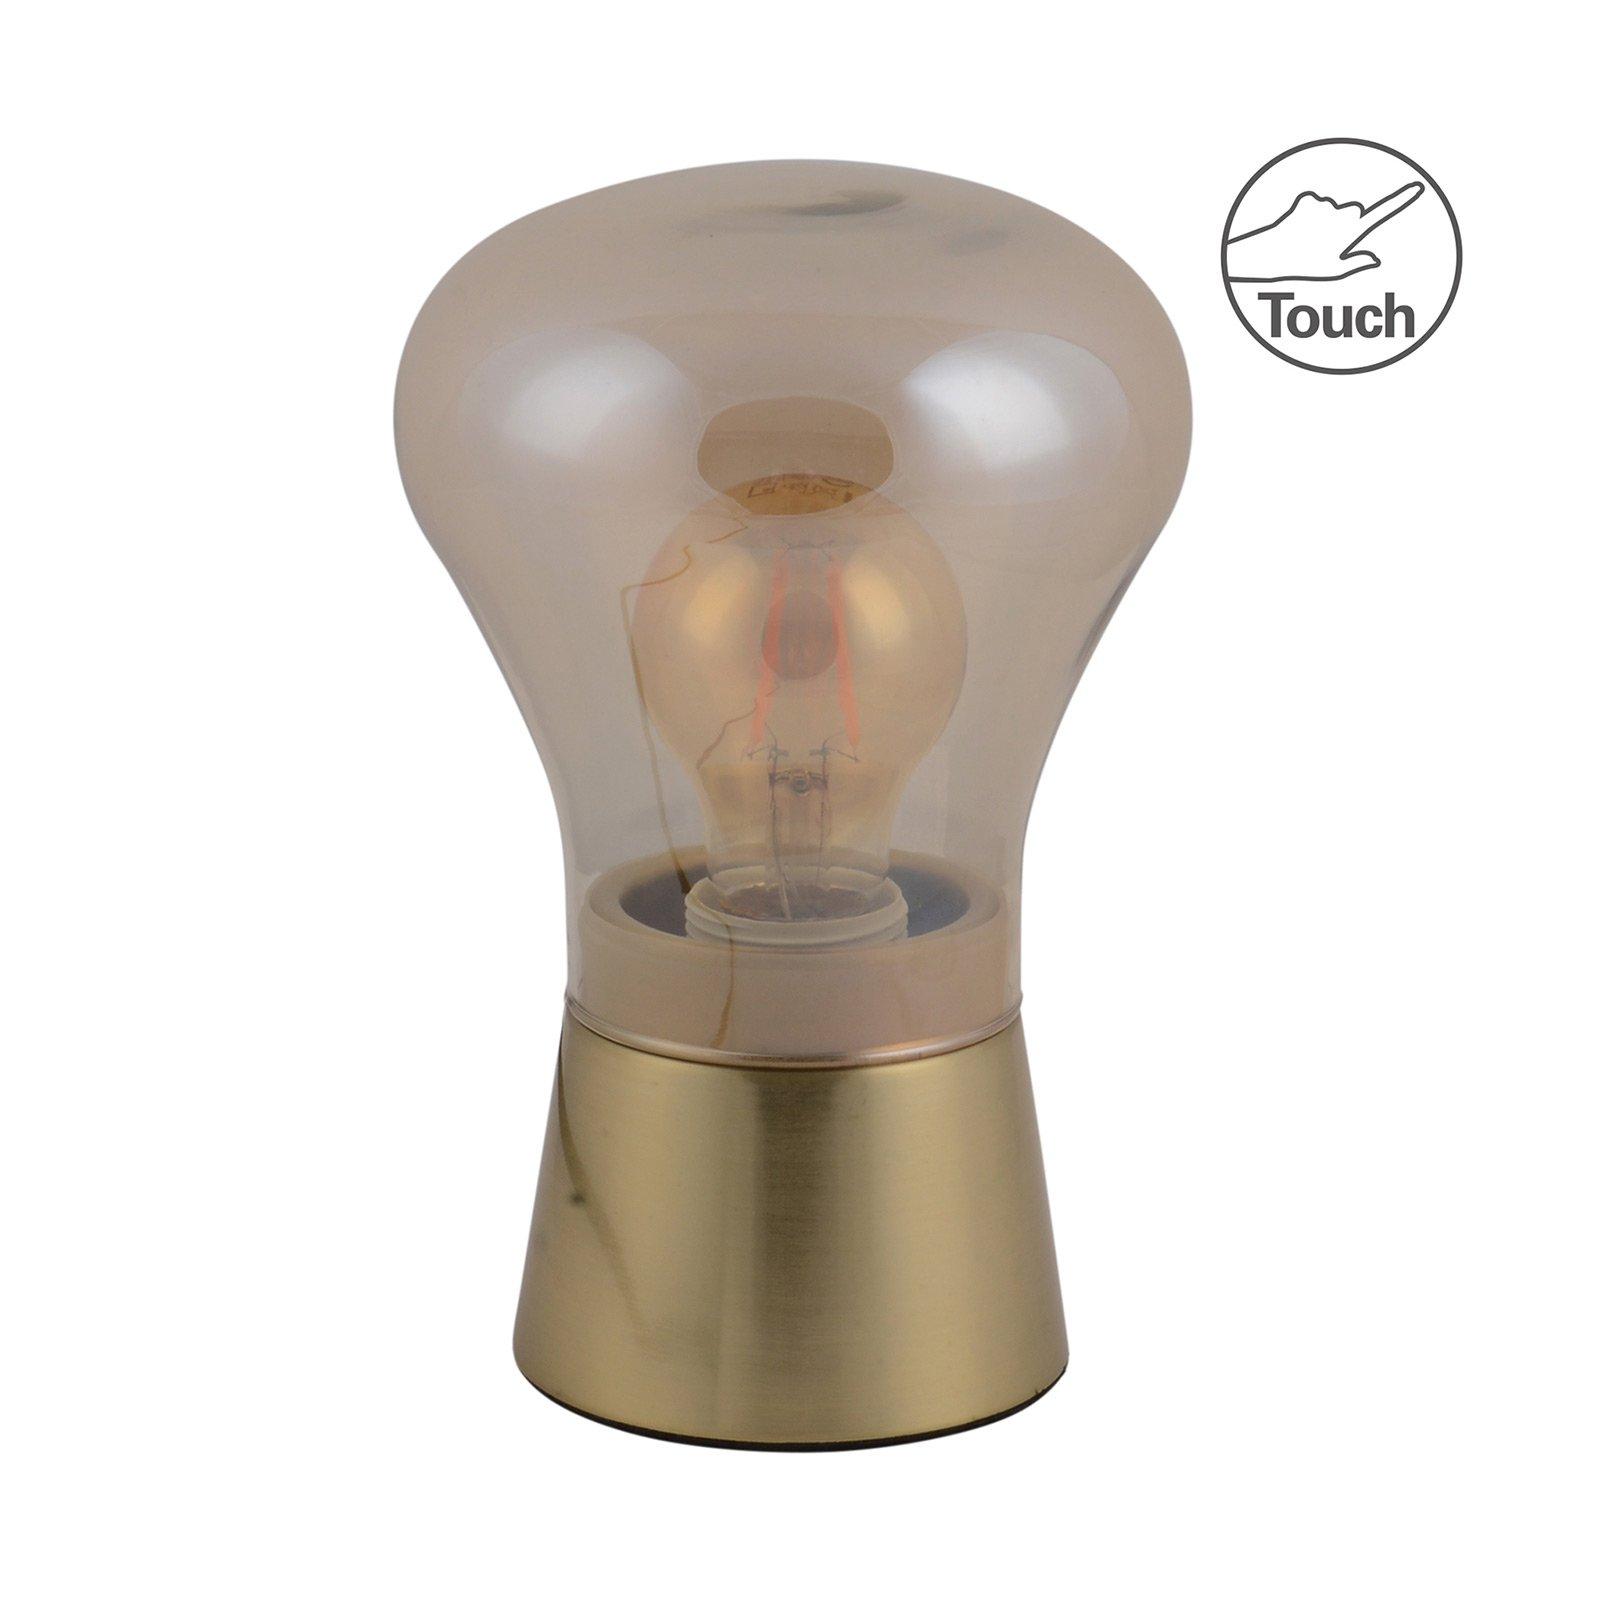 Derry bordlampe av glass, messing